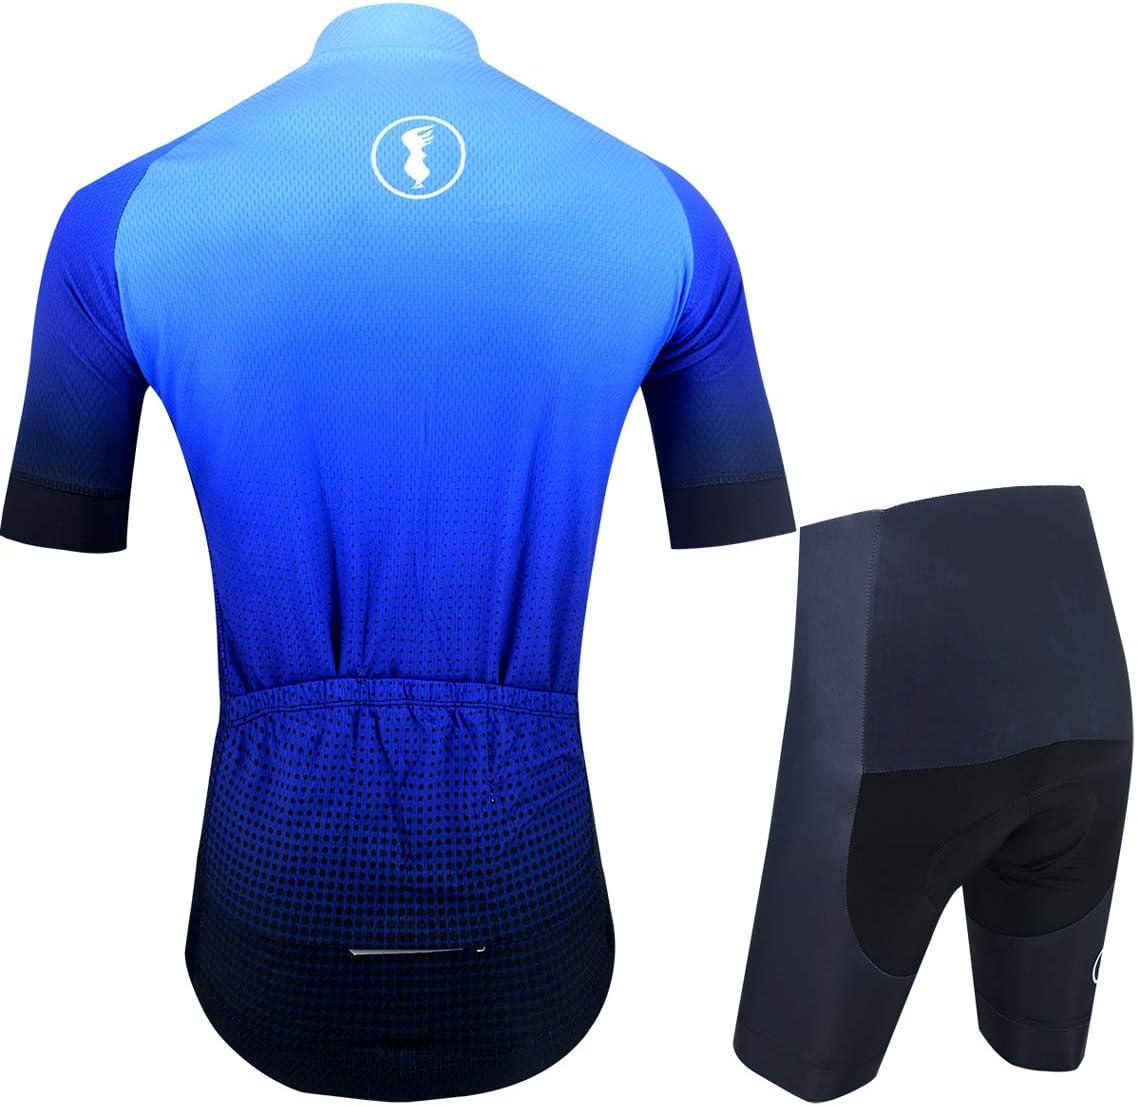 Femme 198 Bleu Respirant BXIO Maillot de Cyclisme /à Manches Courtes avec Bretelles avec Coussinet 3D pour Le Cyclisme de VTT